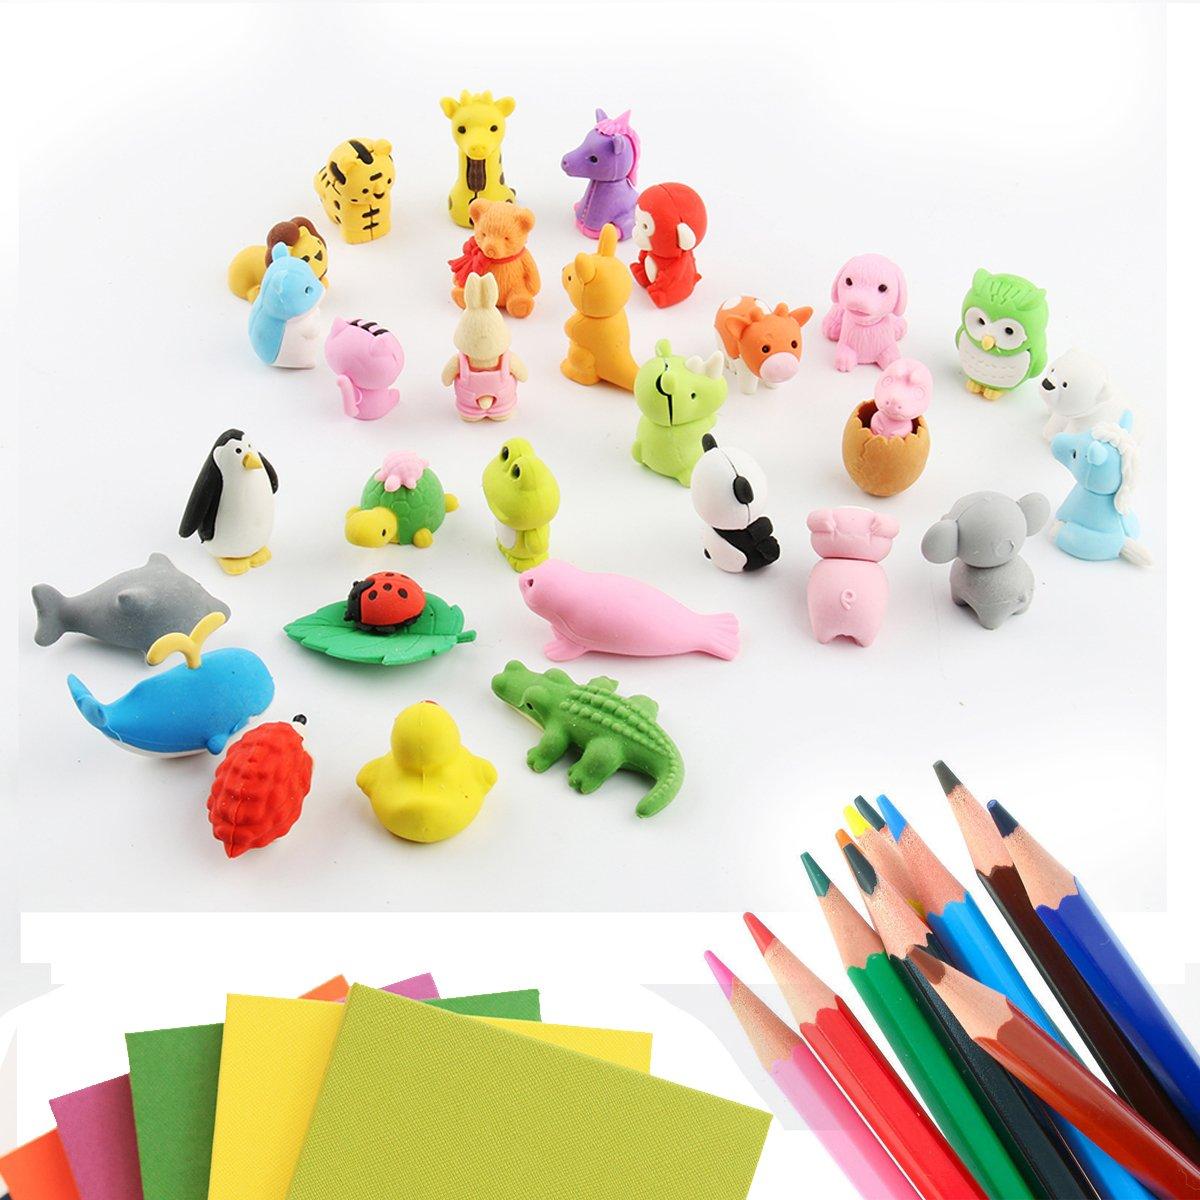 Funhoo 30 Pezzi Gomma a Forma di Animali Gomme da Collezione per Bambini Scuole Gli studenti Scuola Cancelleria il Giocattolo Creativo